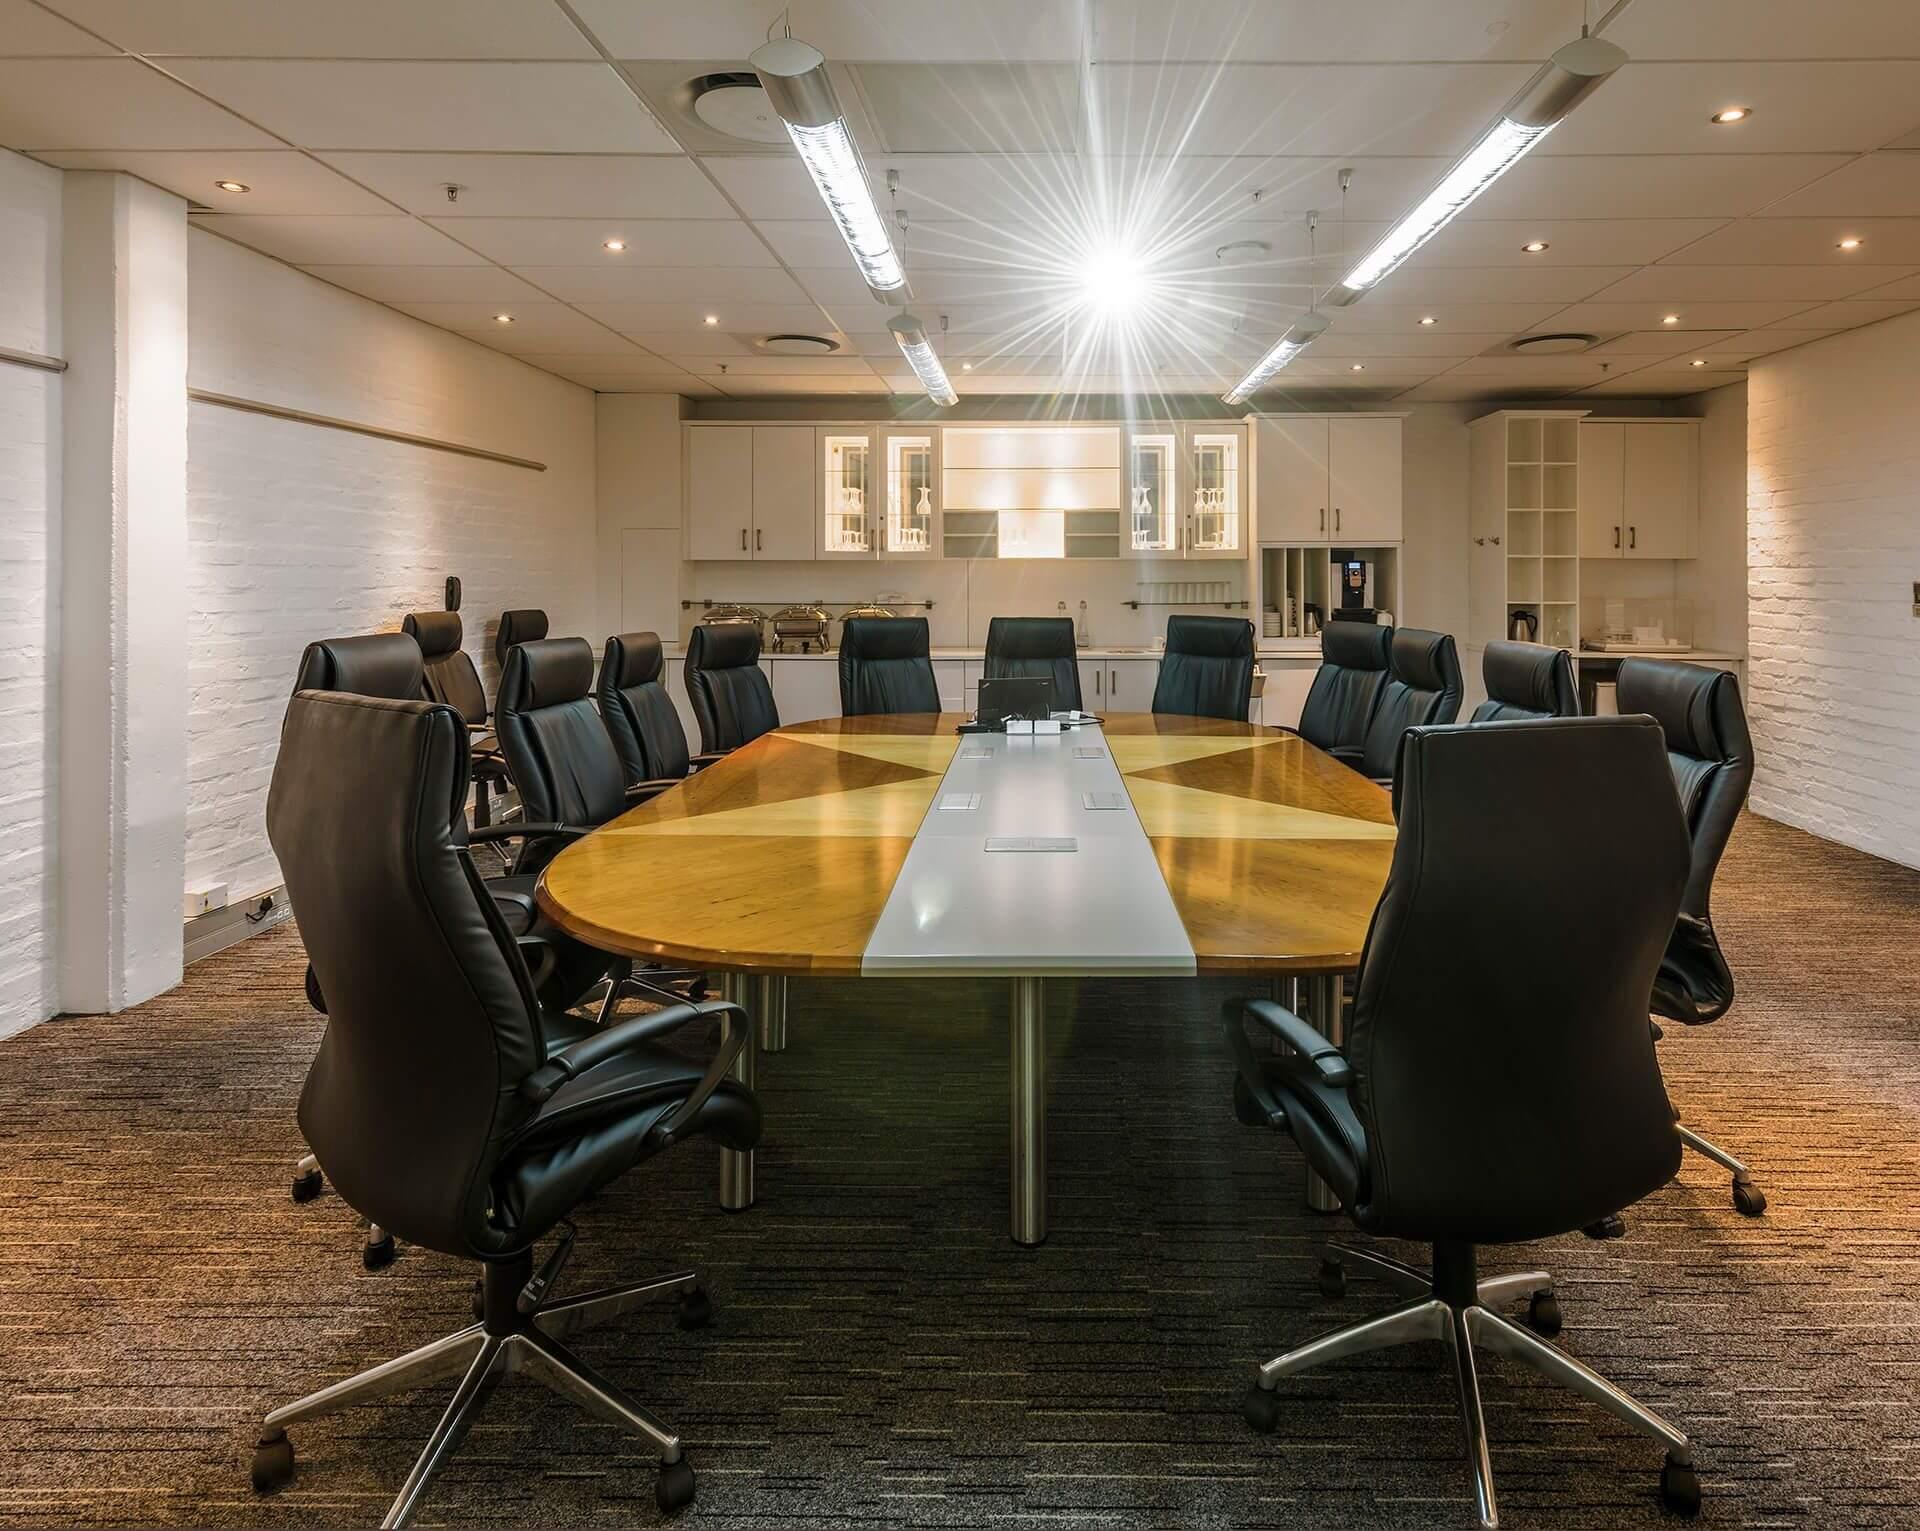 CTICC 1 Boardroom 2.35-2